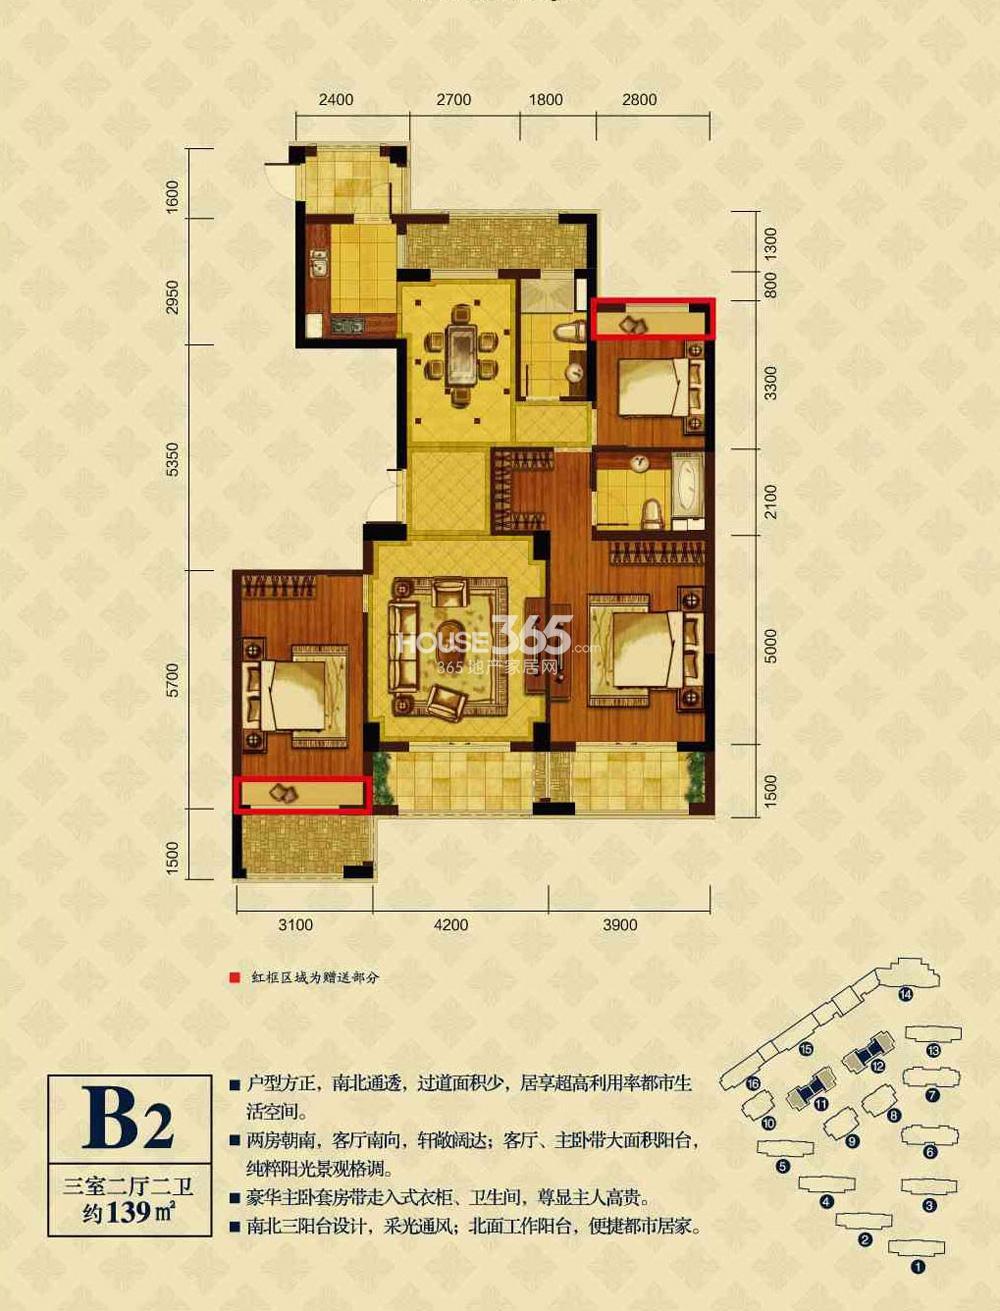 钱塘梧桐蓝山11、12号楼B2户型139方户型图